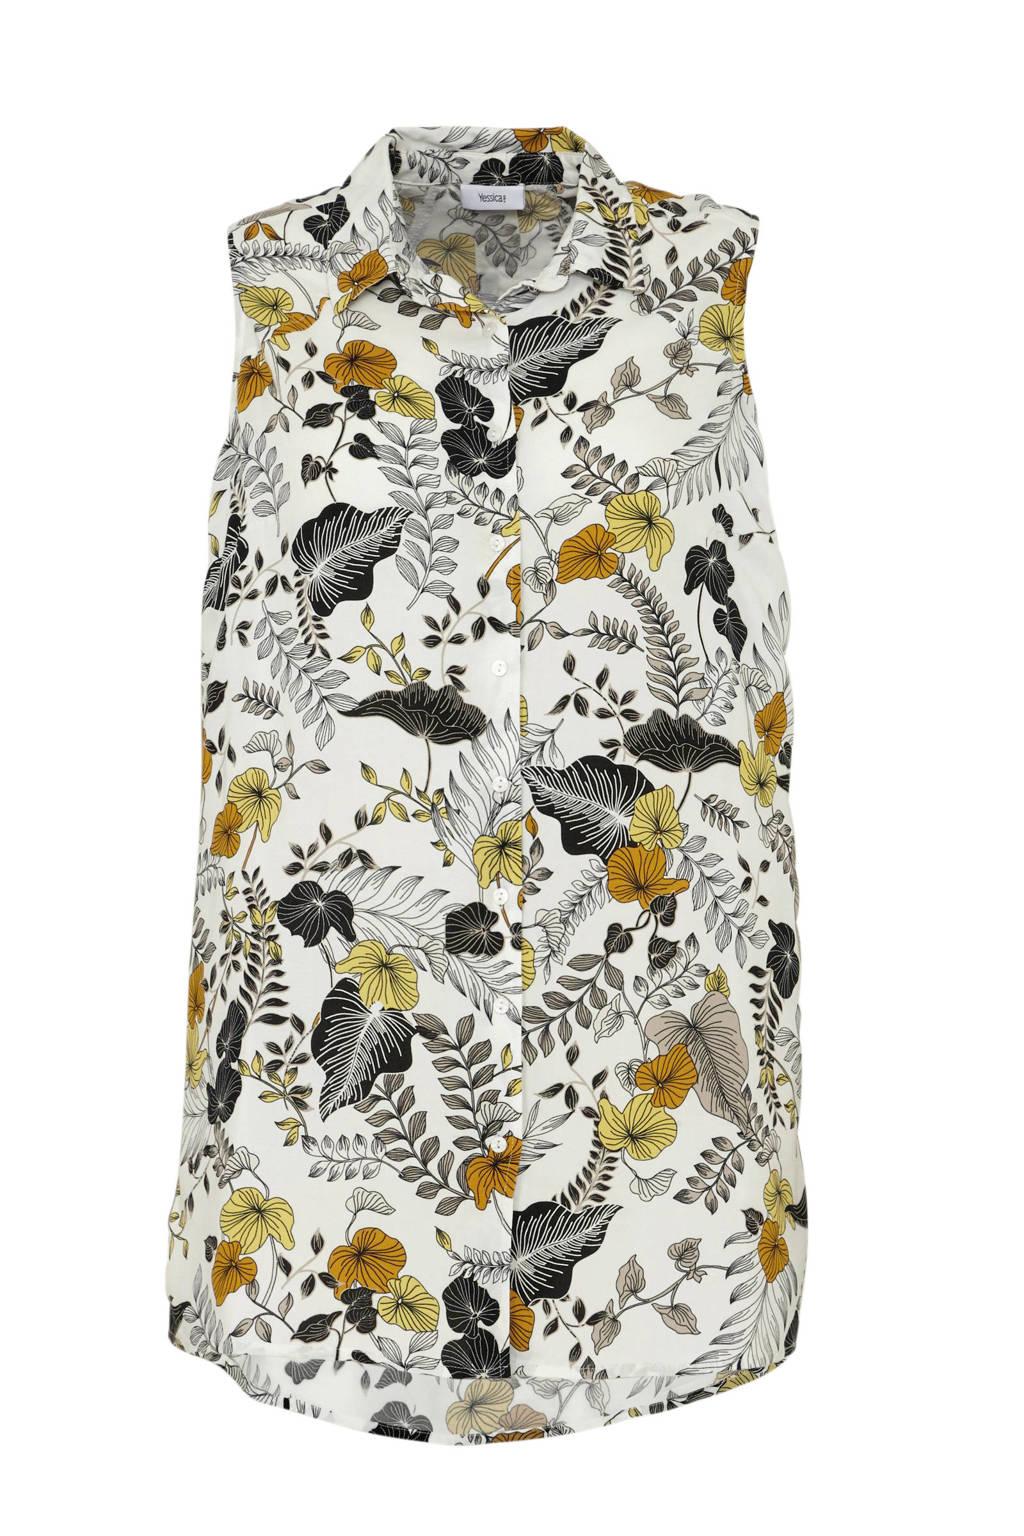 C&A XL Yessica gebloemde blouse wit/zwart/geel, Wit/zwart/geel